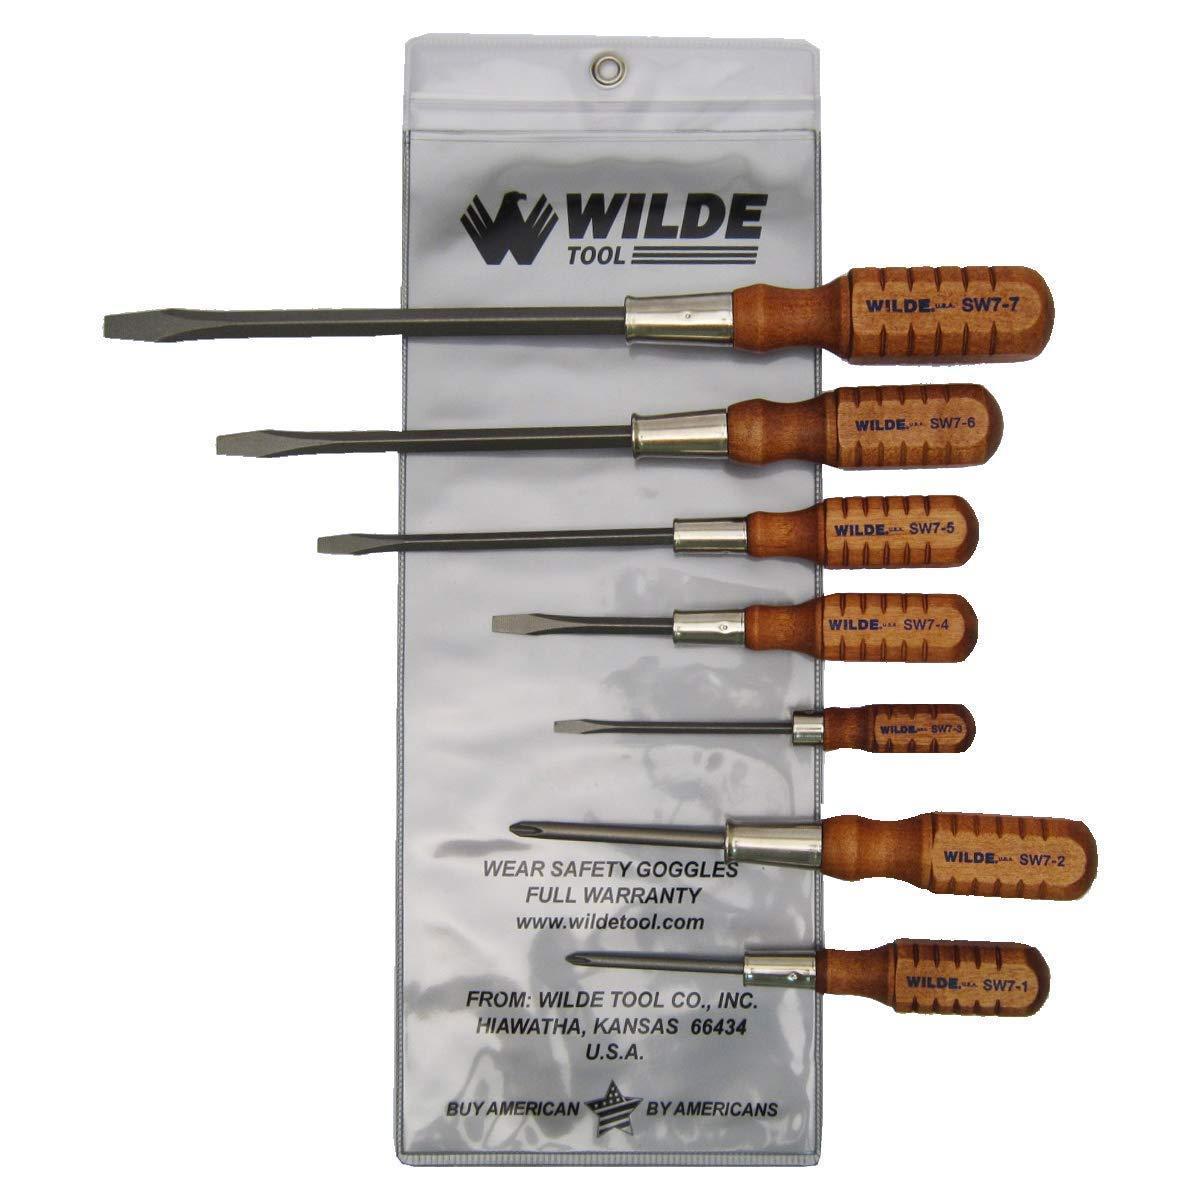 7-Piece Wilde Tool SW7 Wooden Handle Mix Screwdriver Set